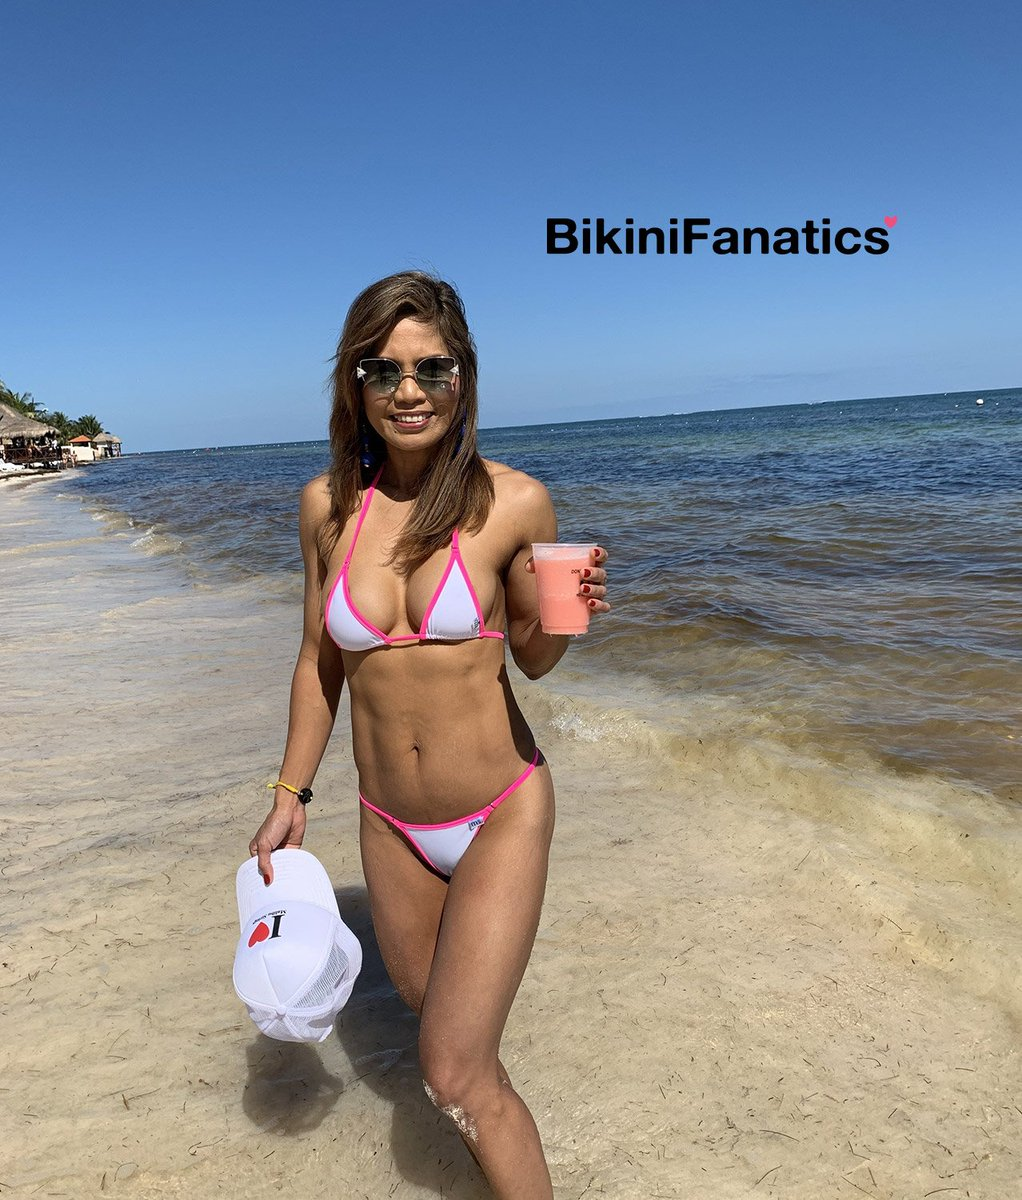 Bikinifanatics